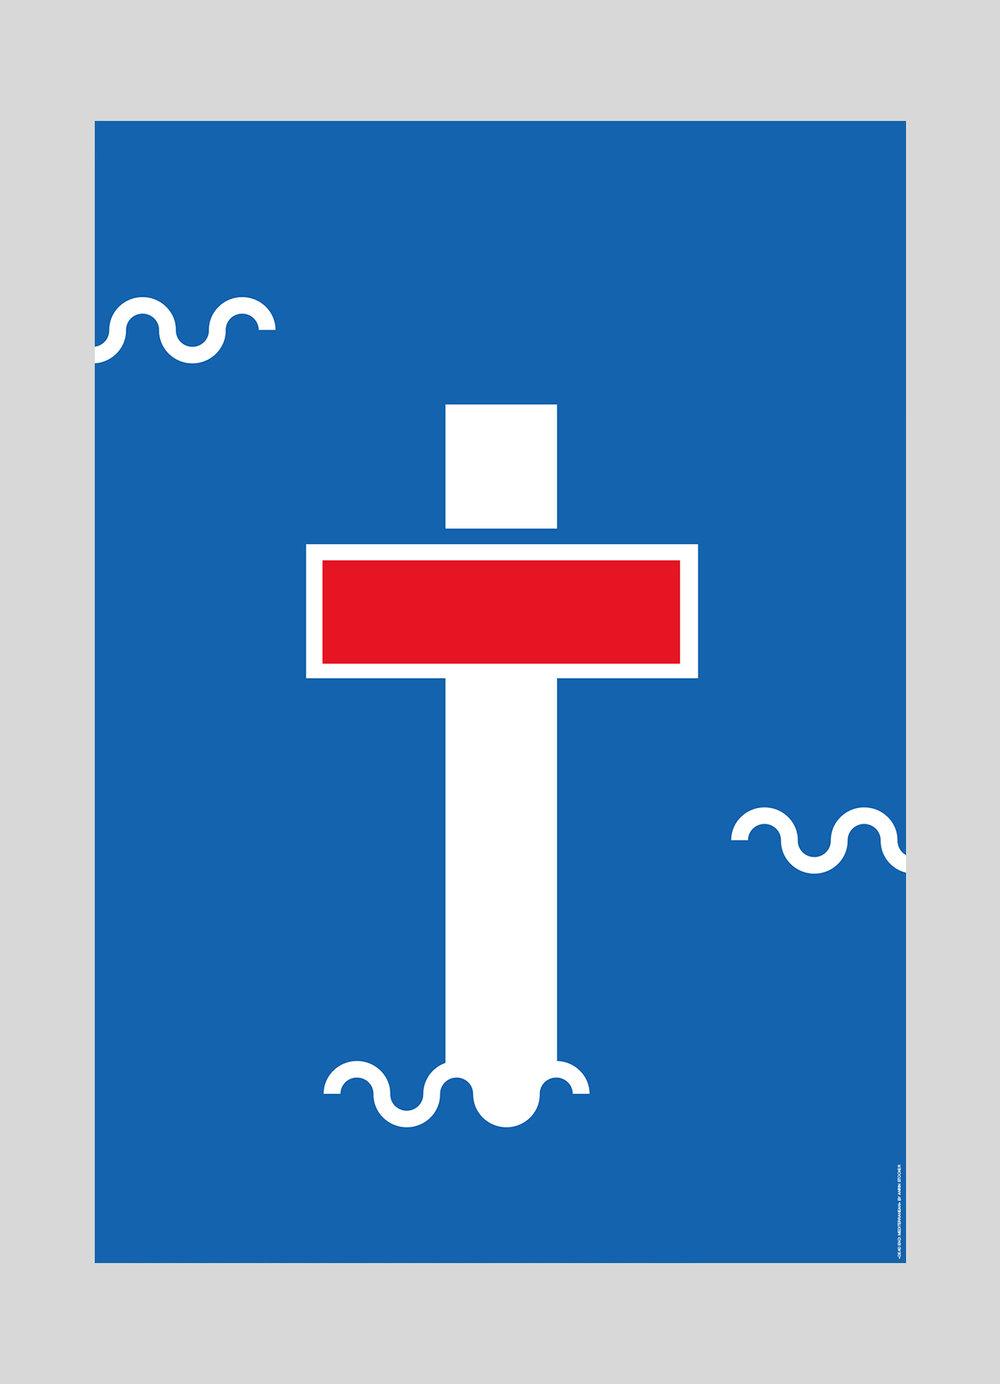 Weltformat – Sonderausstellung «Migration & Flucht» |2015   Sonderausstellung 26. September bis 4. Oktober 2015 im Neubad.  Organisiert und kuratiert von Büro Zwoi.